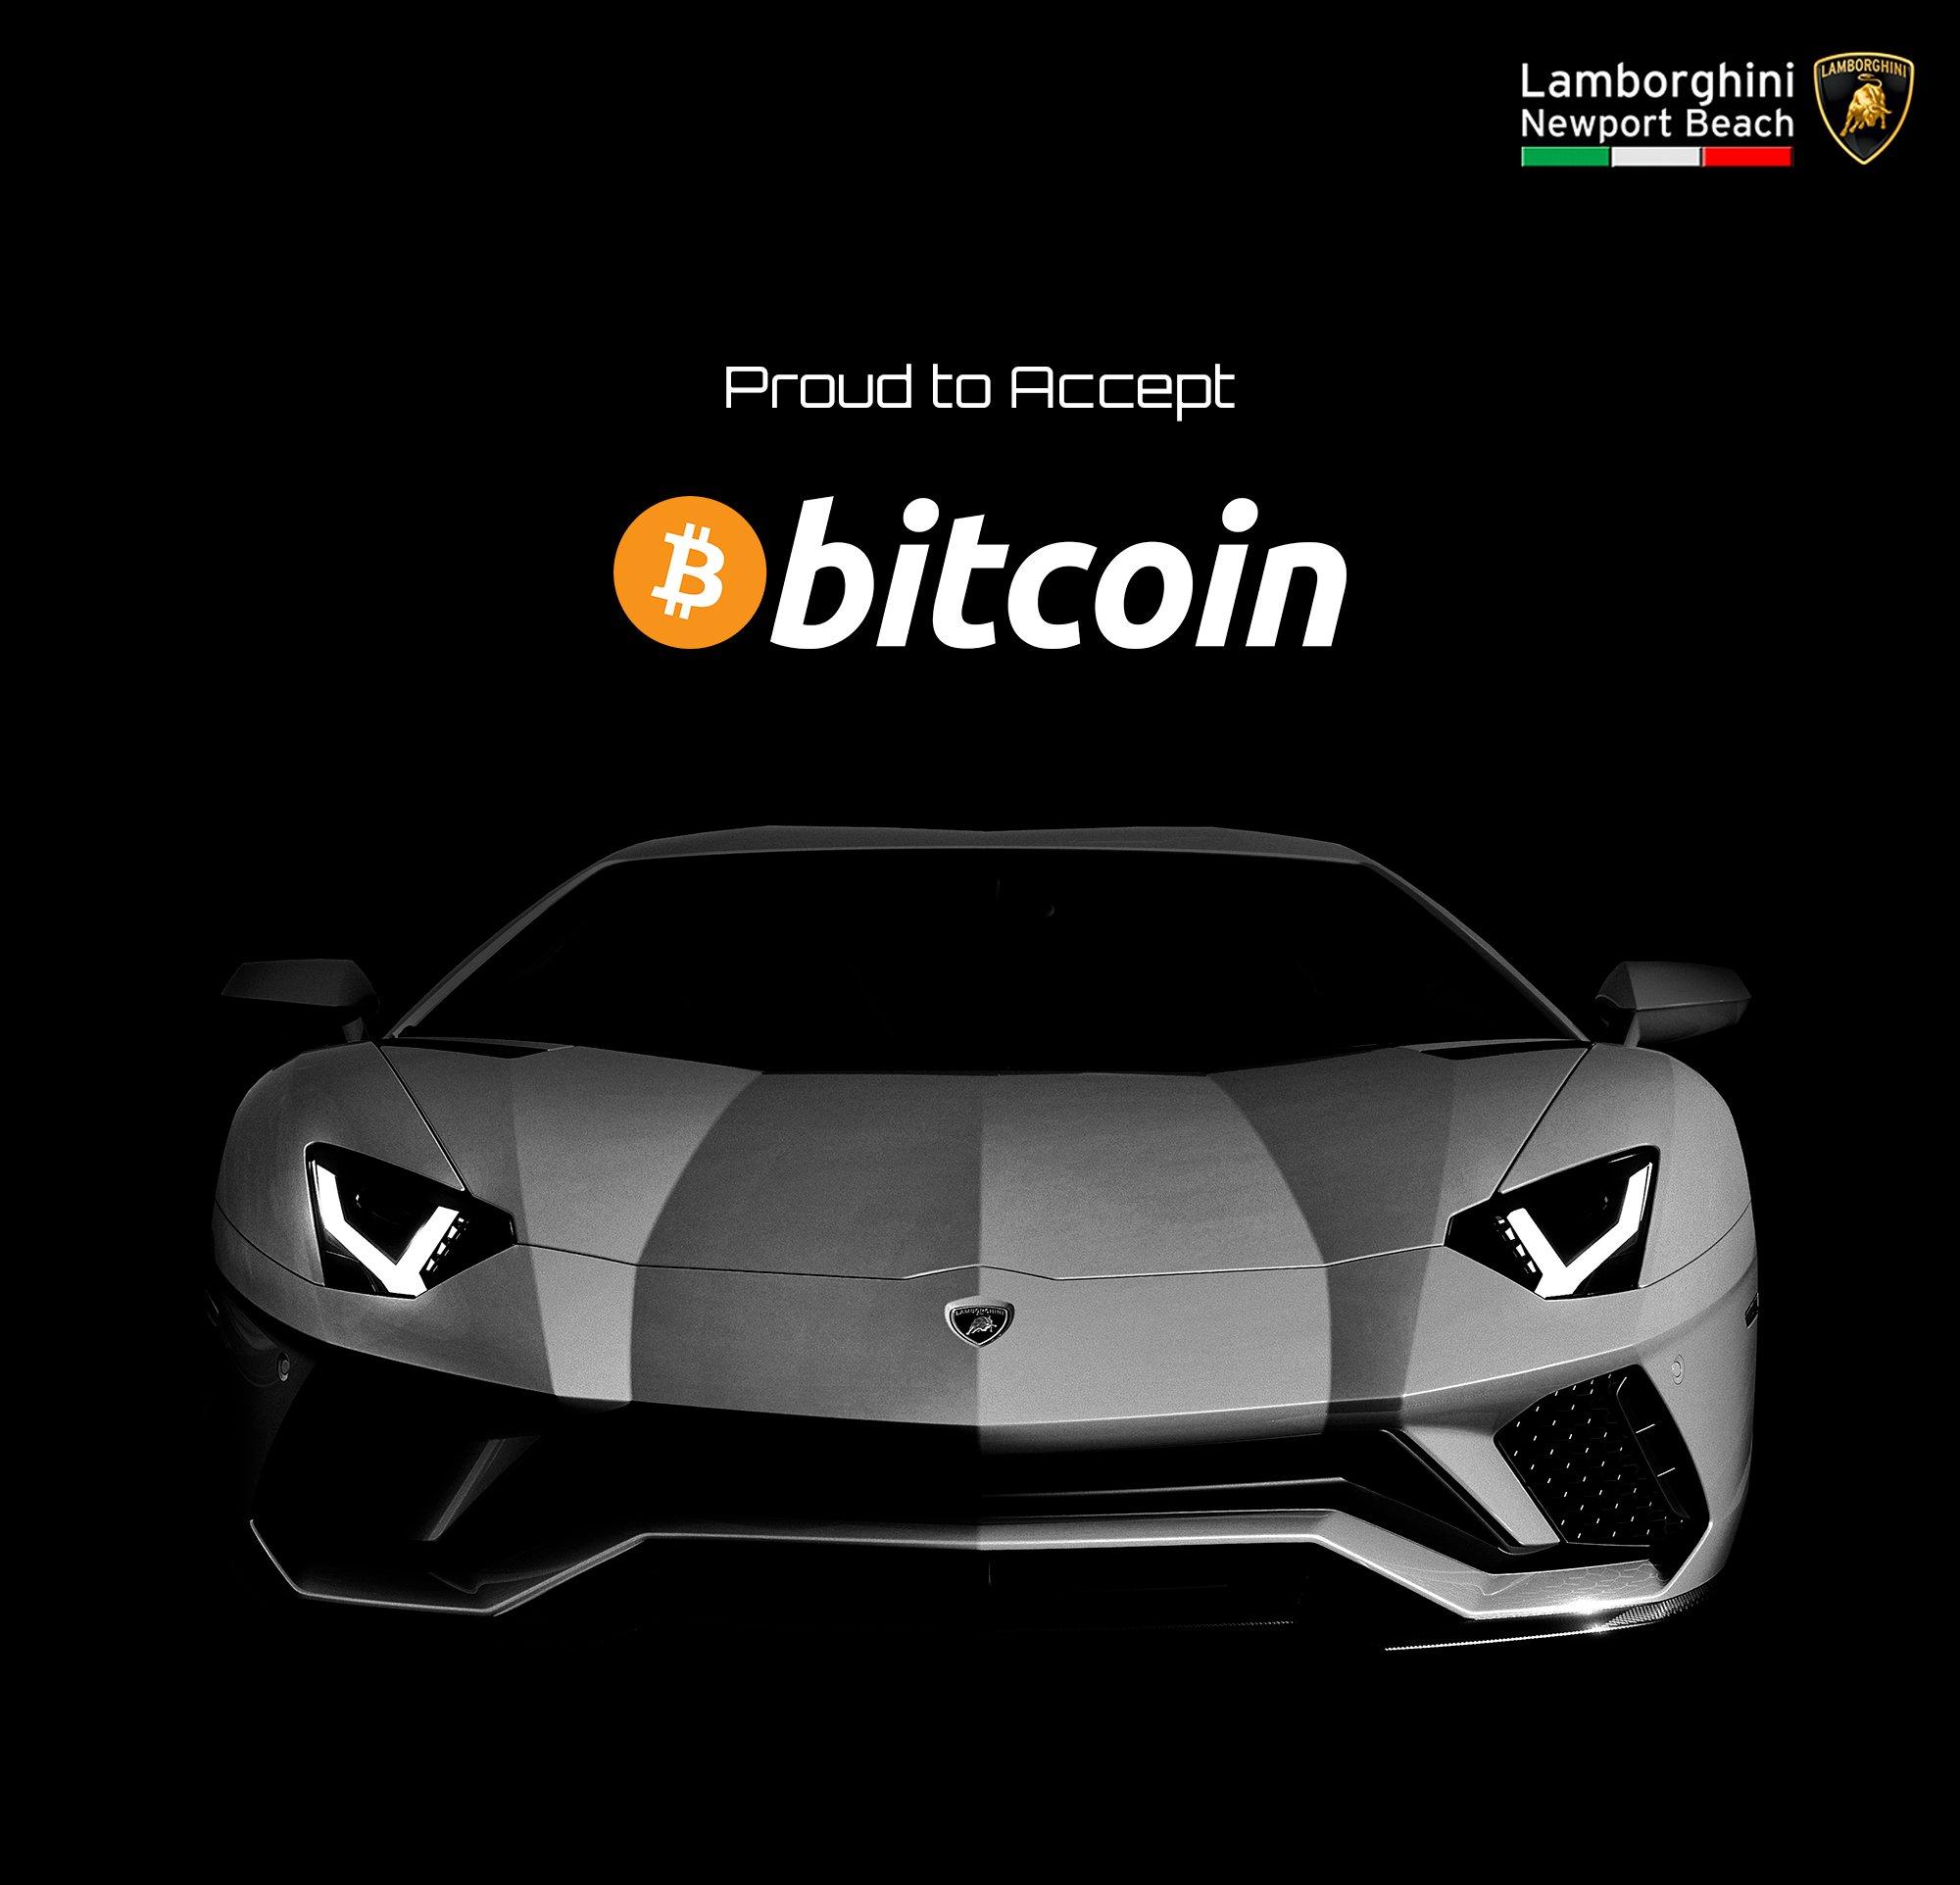 Newport beach lamborghini bitcoins betting advice